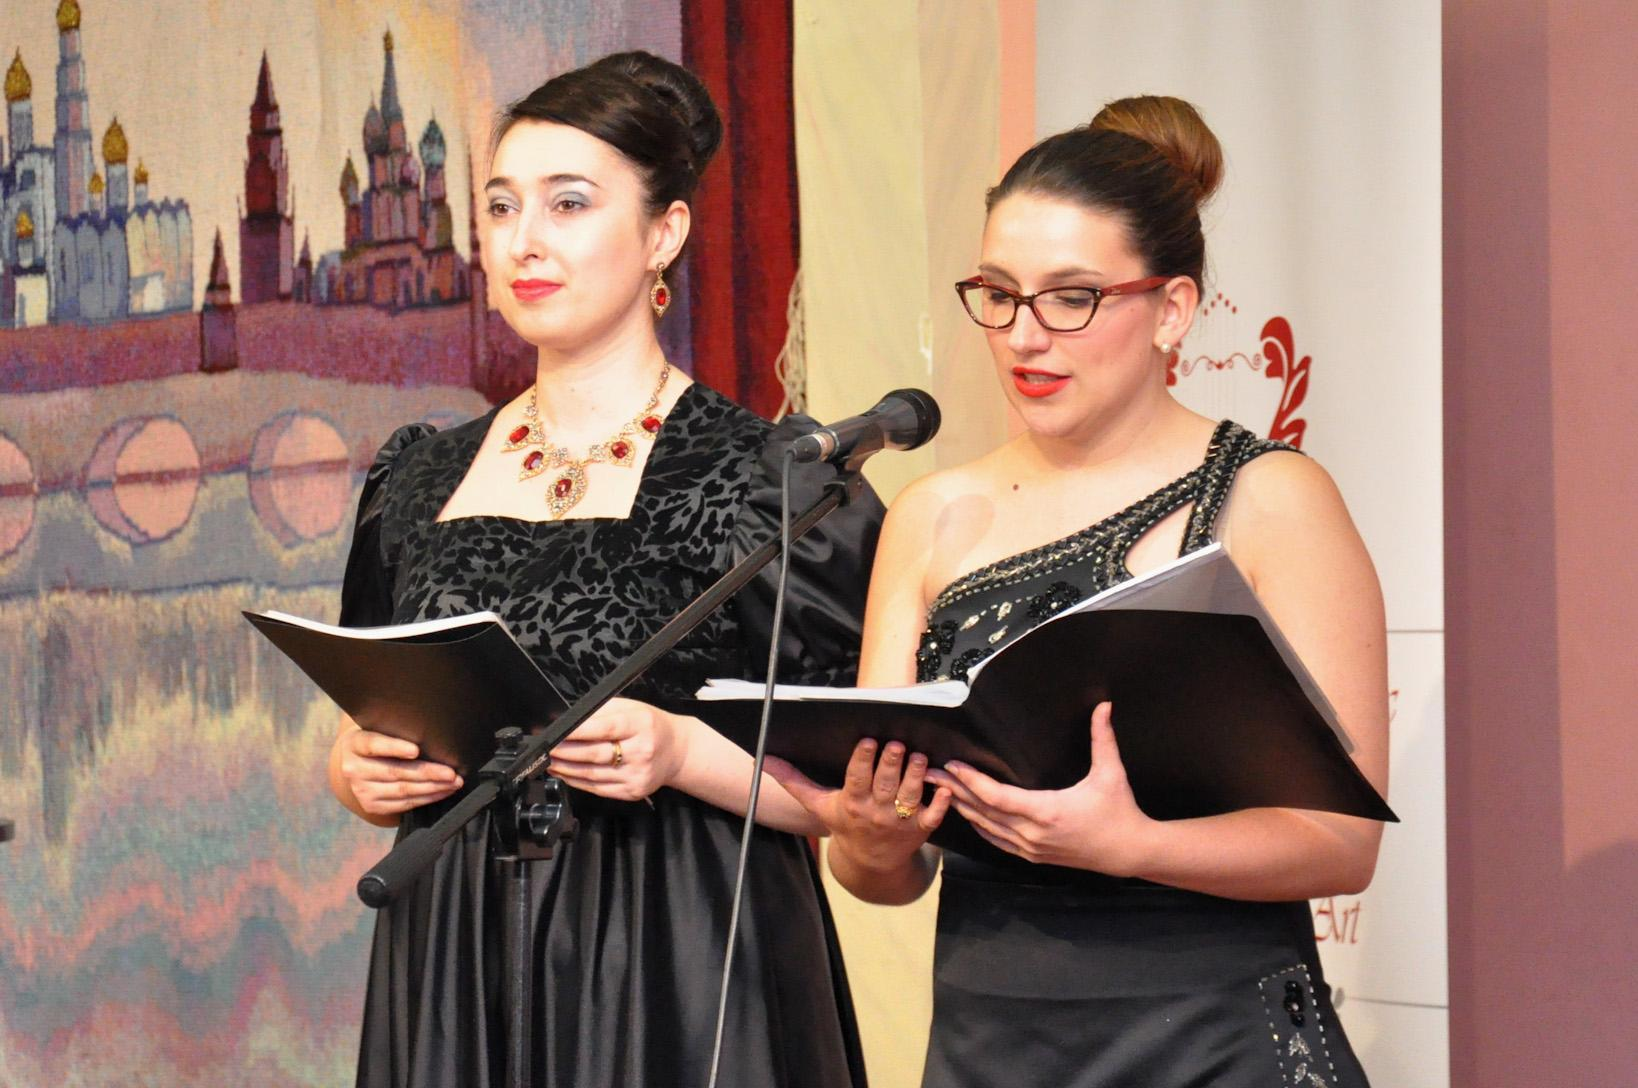 Julietta-Kocharova-and-Paulien-Vanovermeire-9